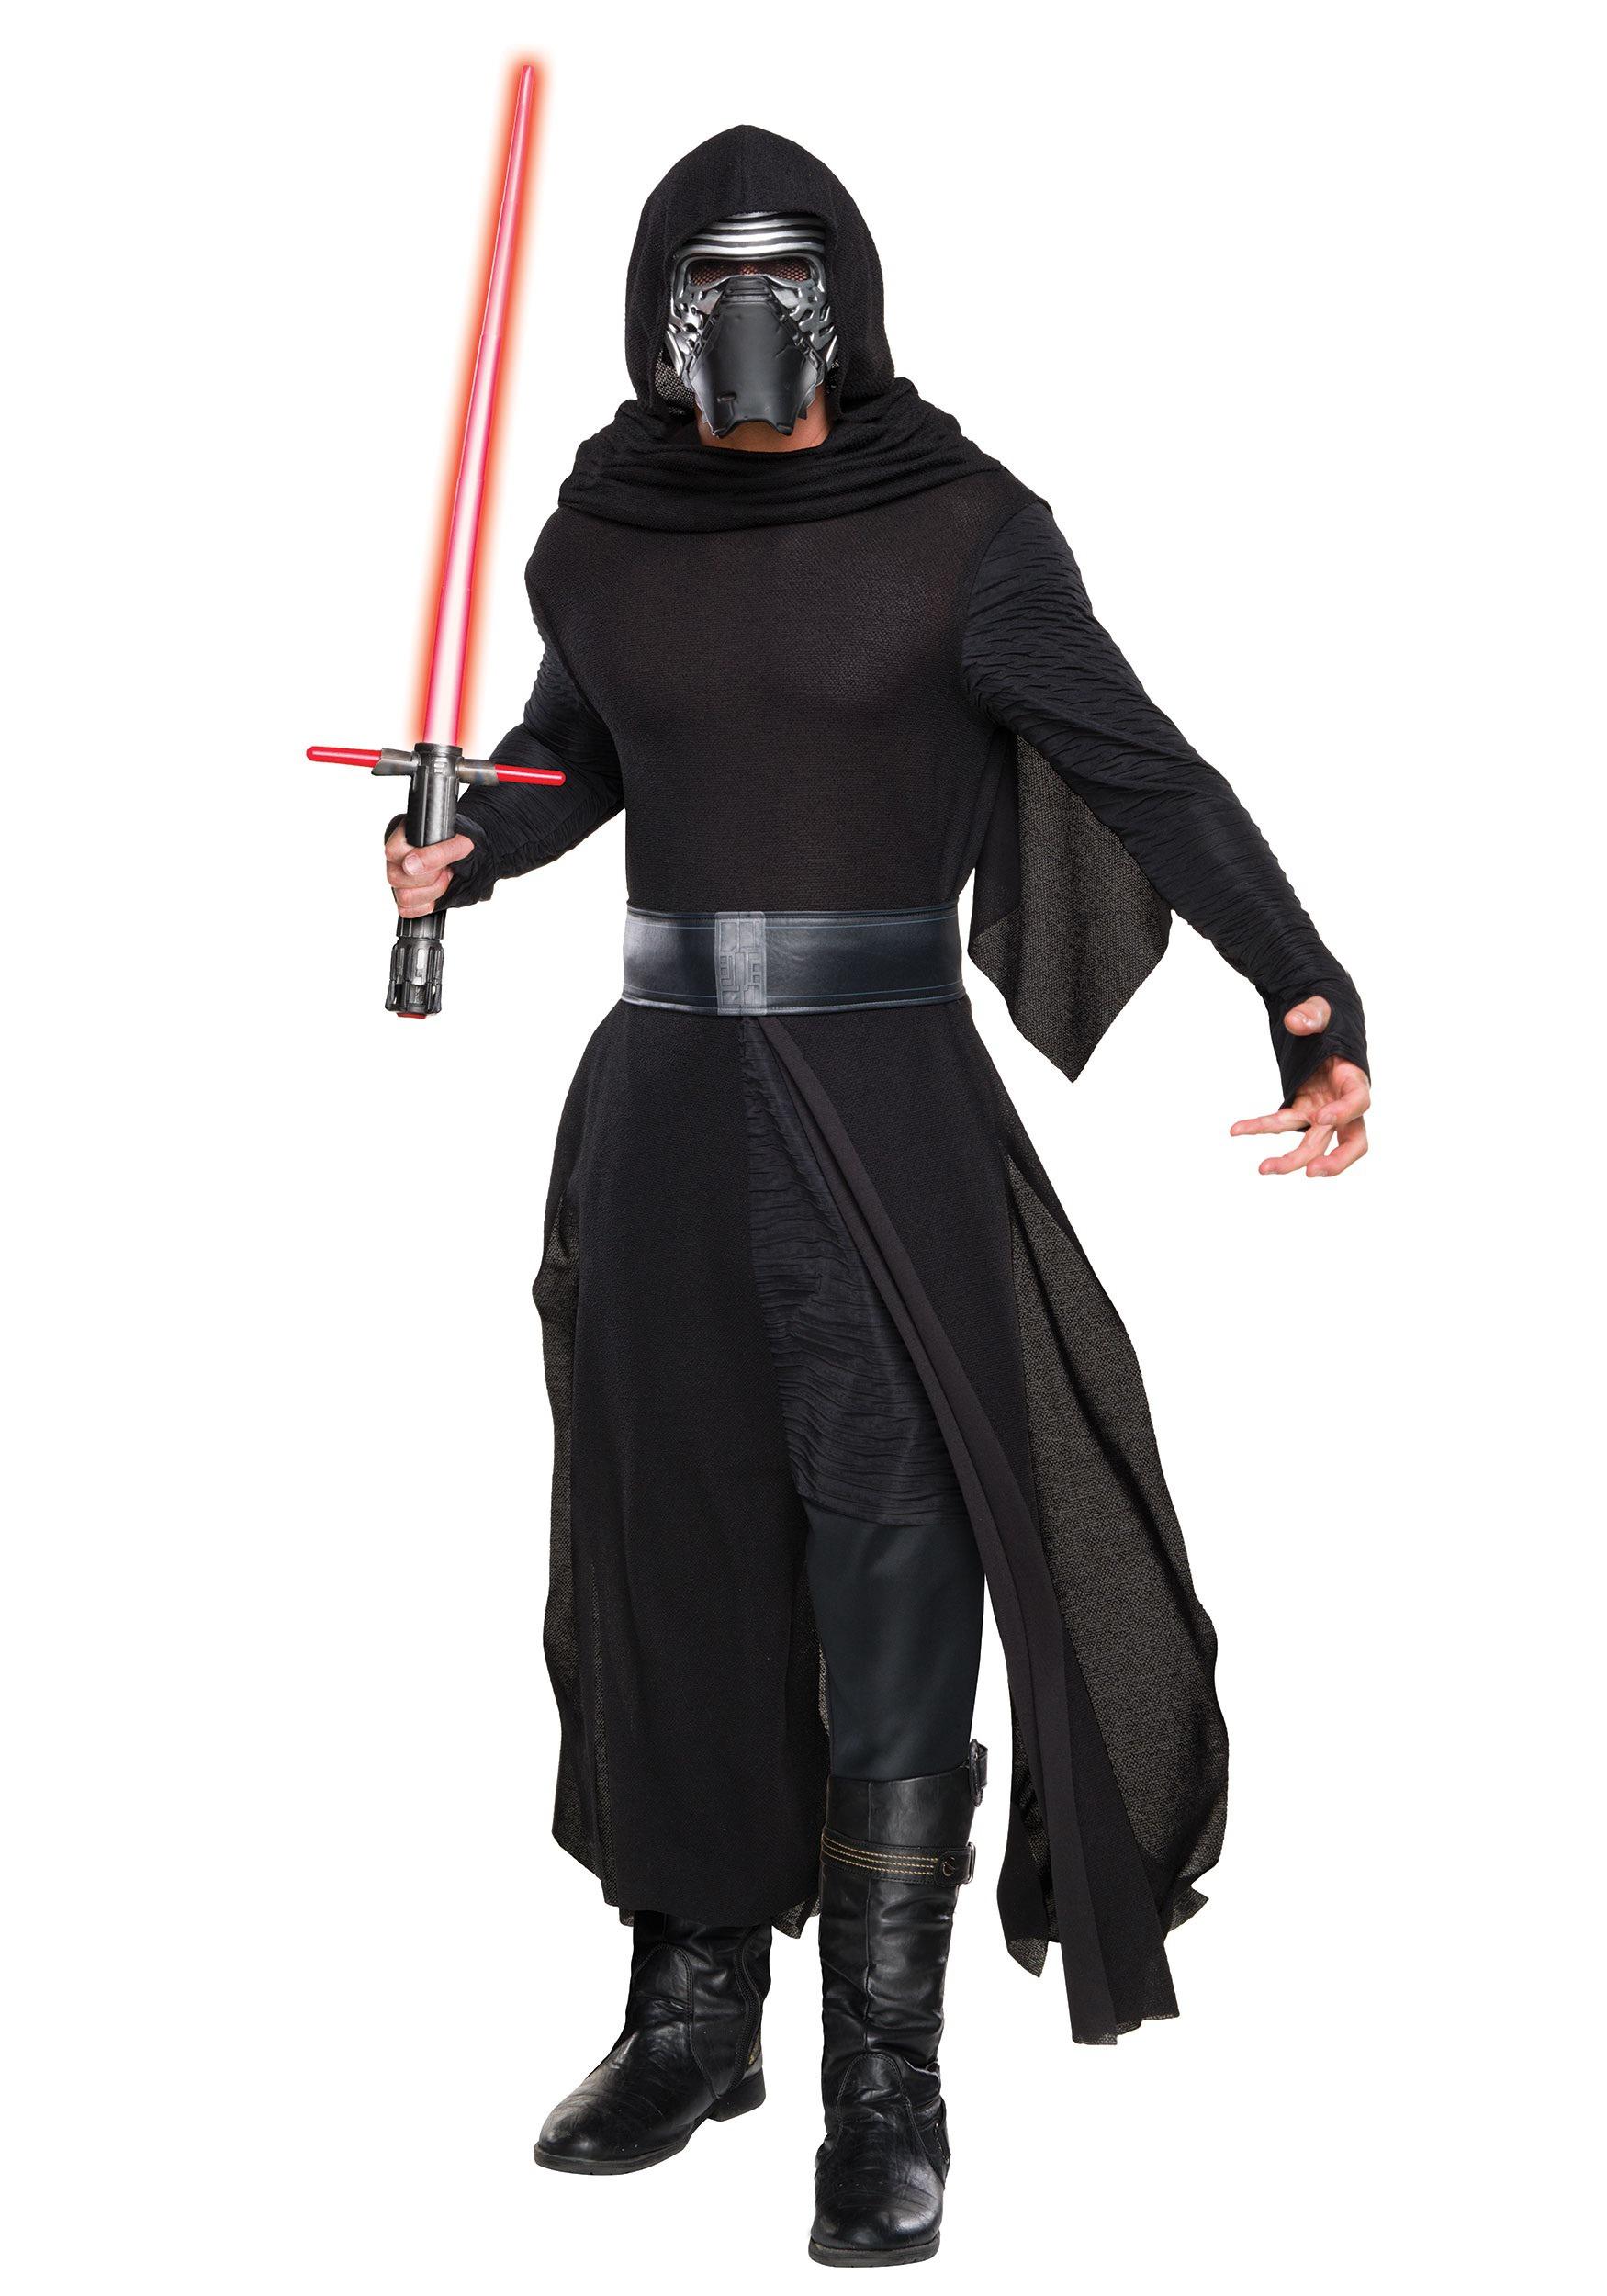 Deluxe Star Wars The Force Awakens Kylo Ren Men's Costume RU810669